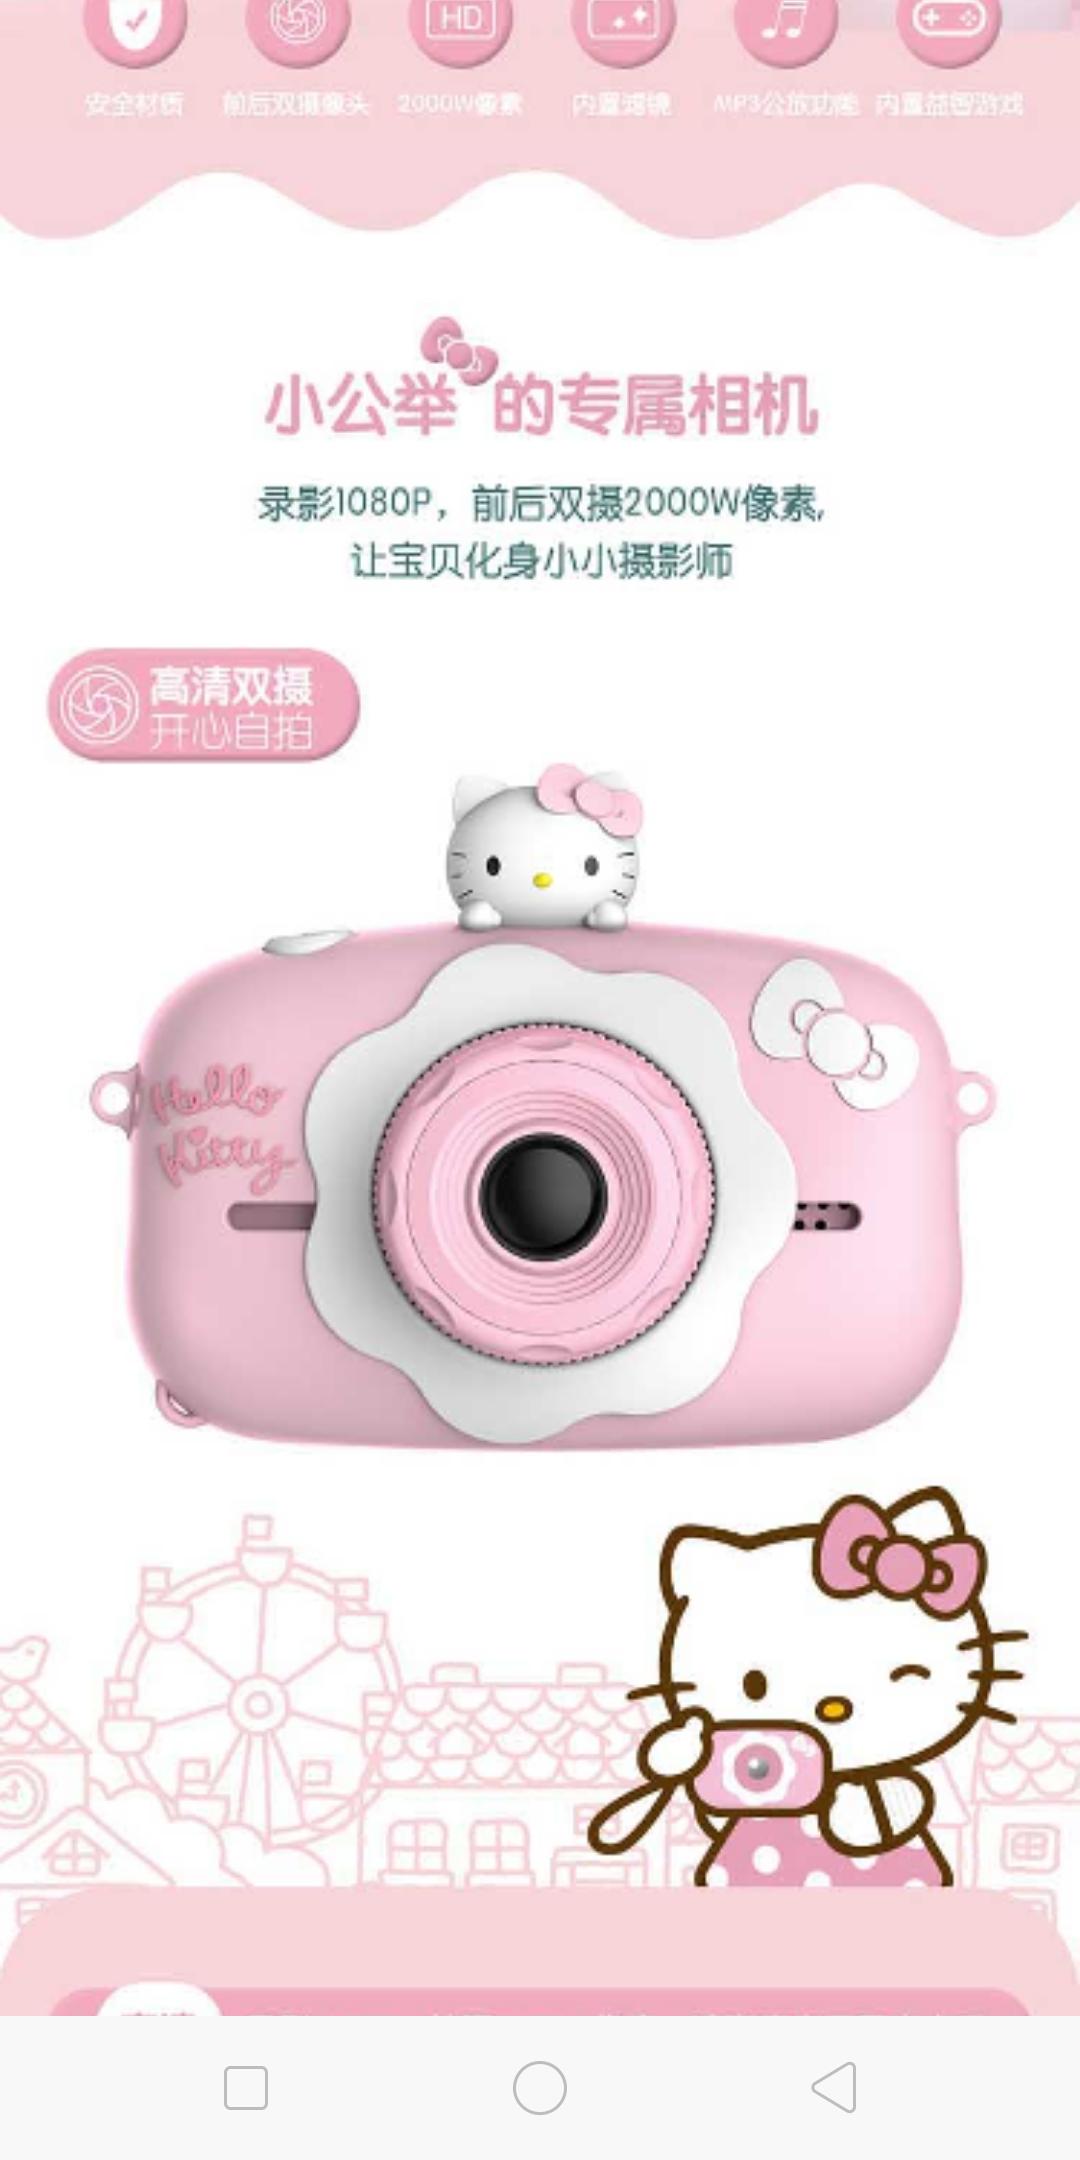 【全新】亿觅HelloKitty儿童数码相机